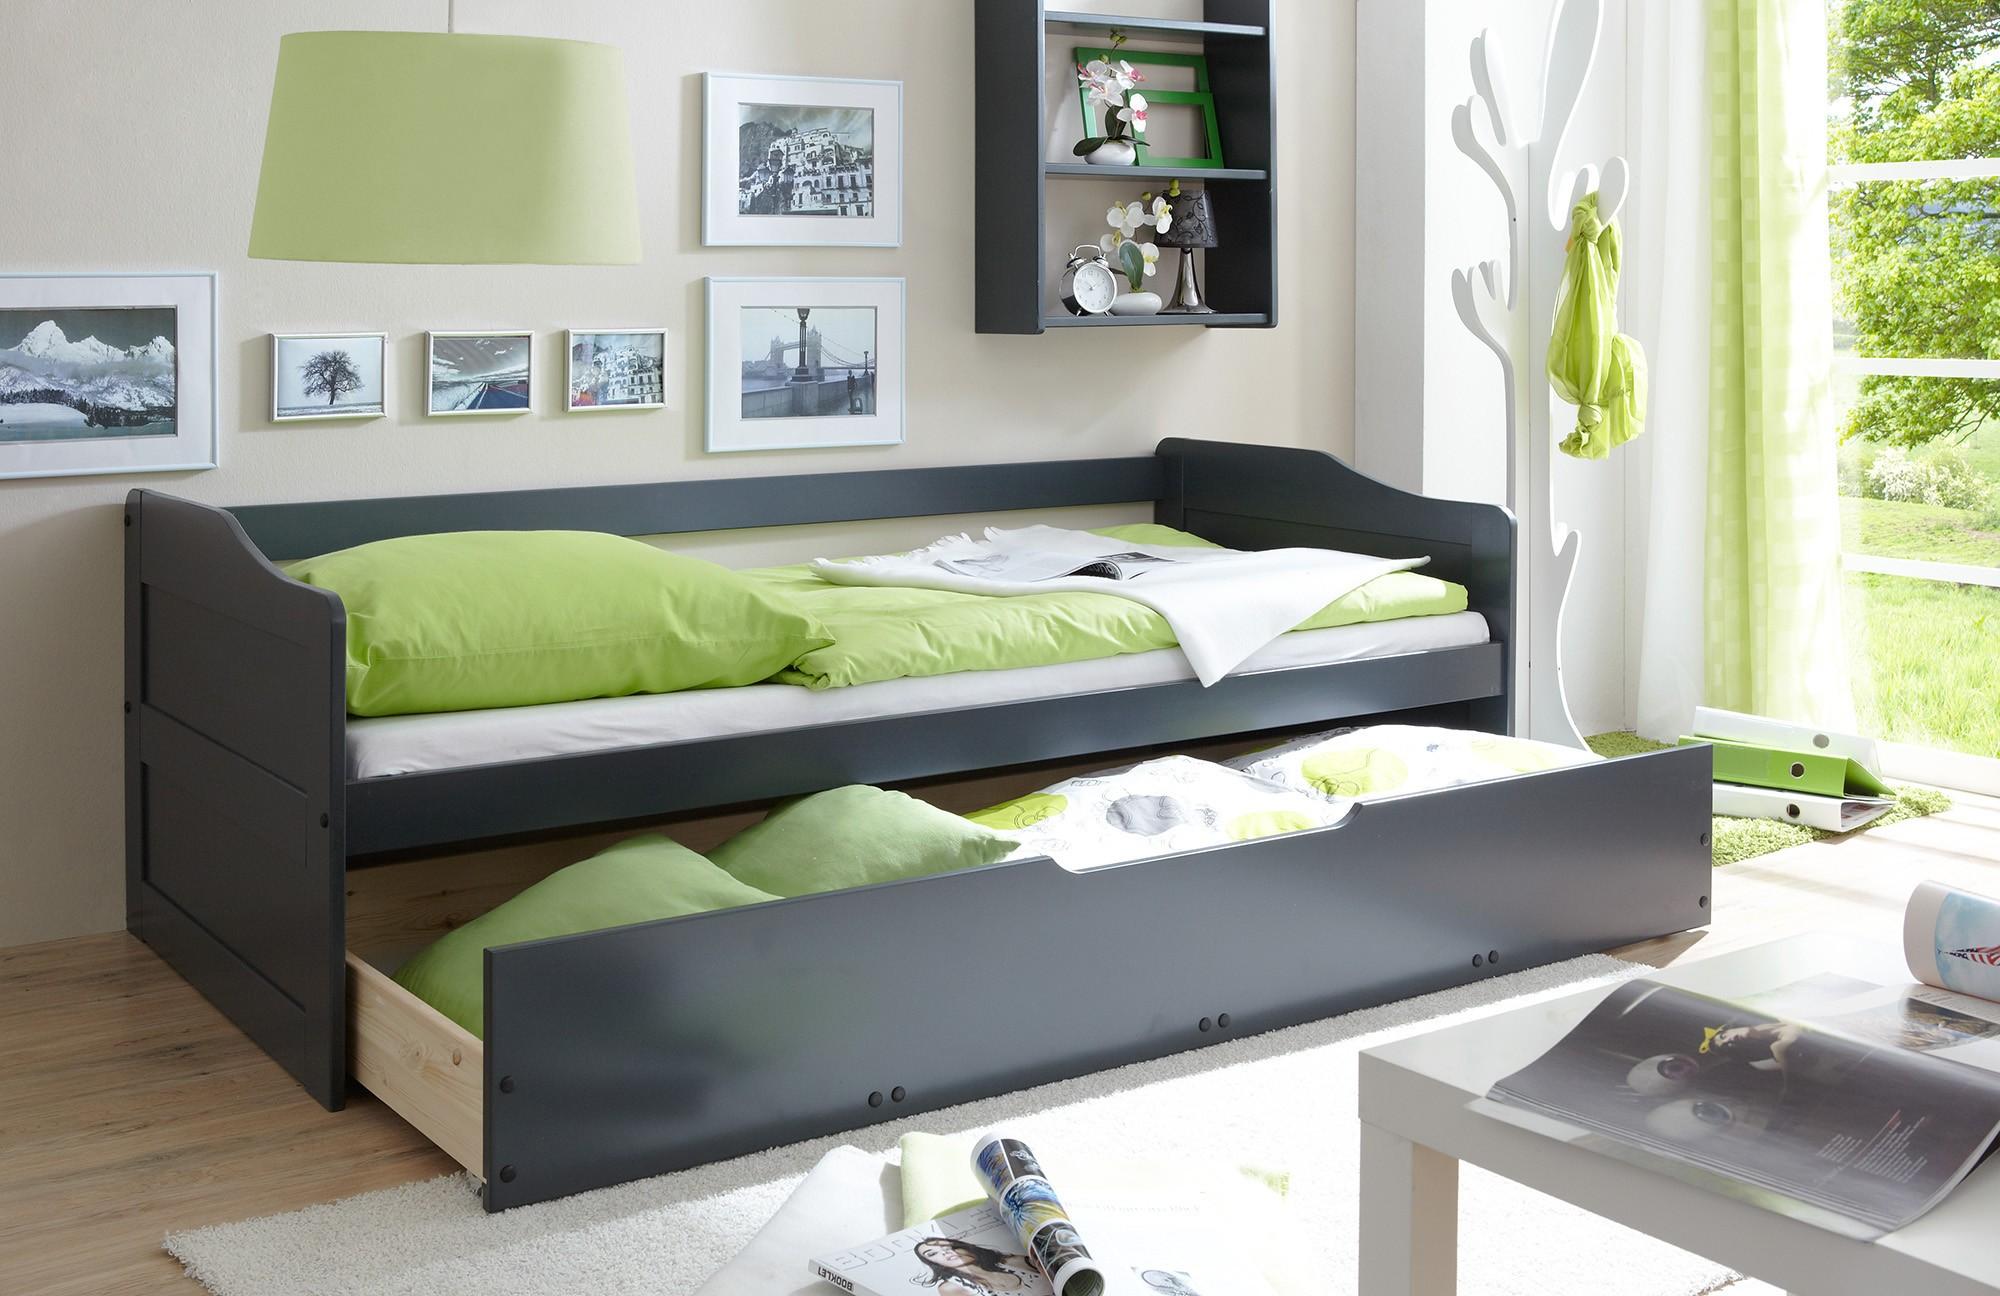 Sofabett Für Jugendzimmer